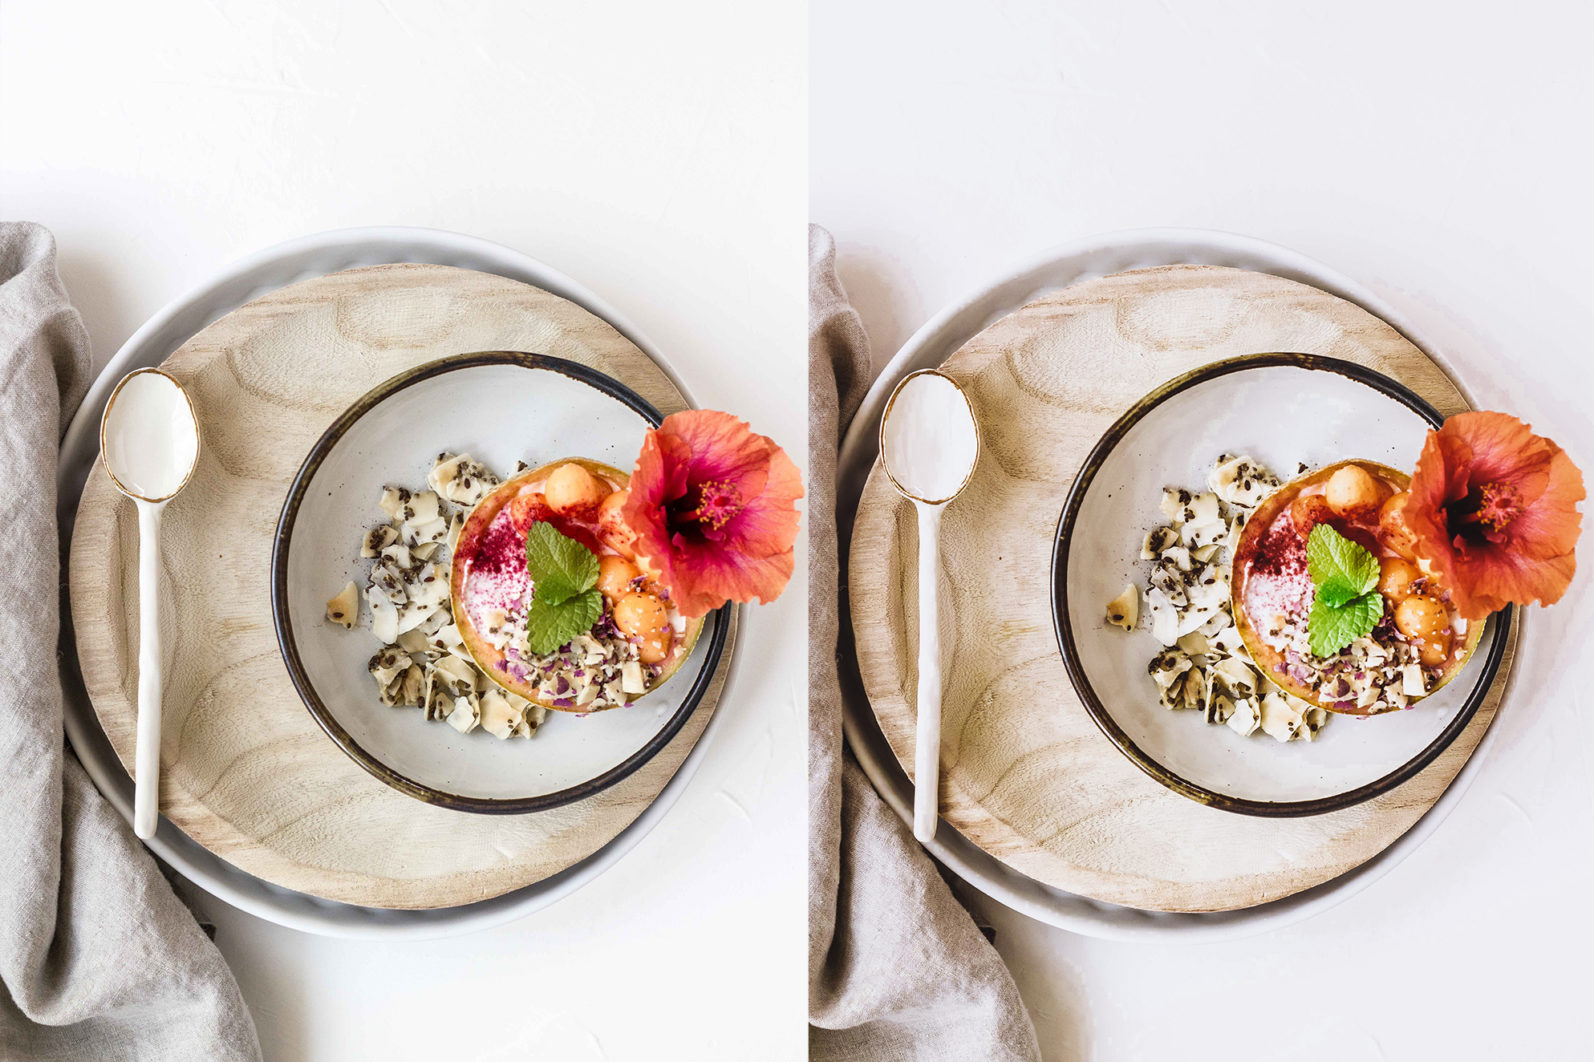 Food Blogger Vol. 1 Lightroom Presets - Desktop and Mobile - 6 Food Blogger 1 -